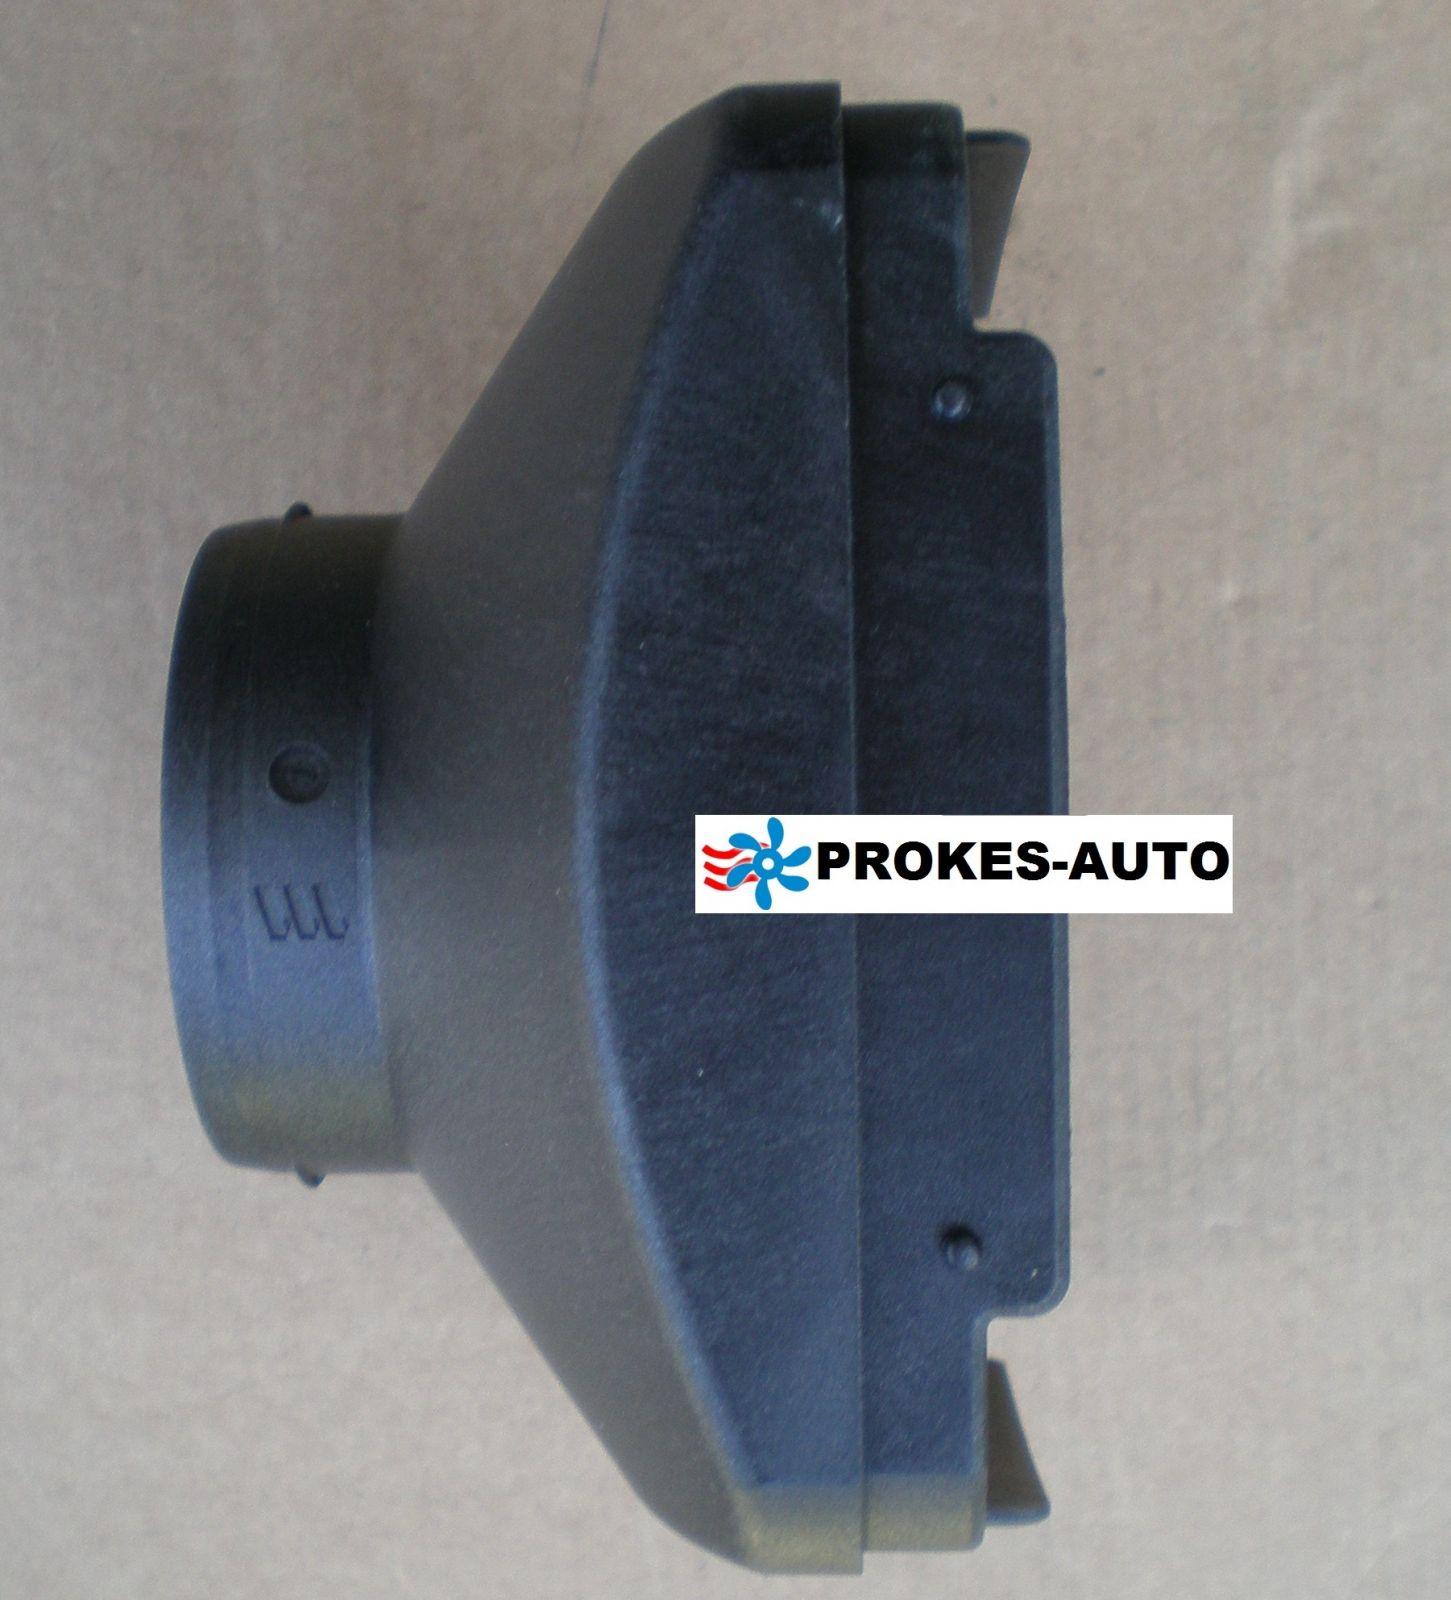 Usmerňovač vzduchu - Přímý výdech D60mm 221000010016 Eberspächer